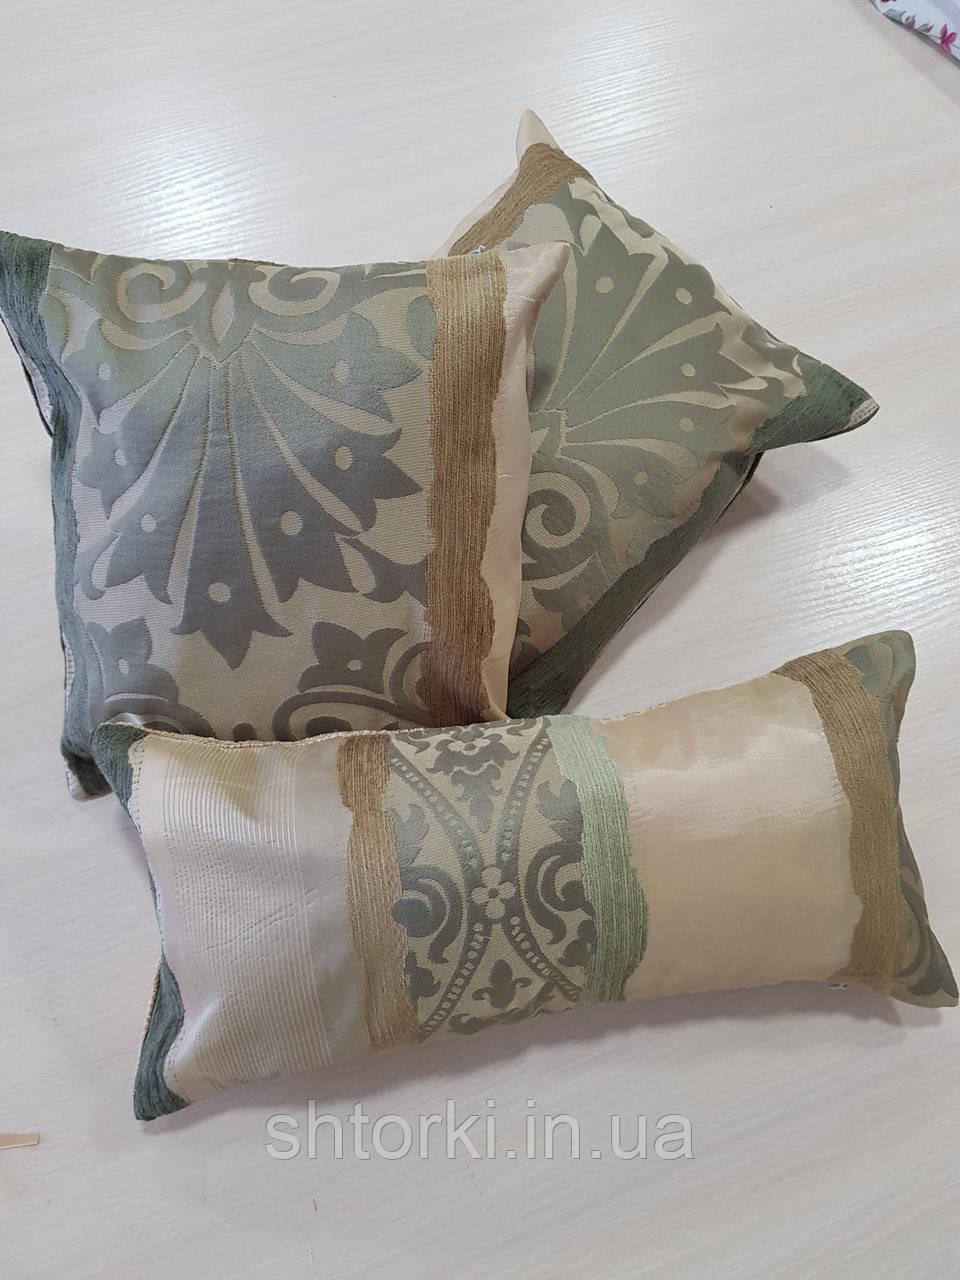 Комплект подушек Оливка с зеленью полоски икоронки, 3шт